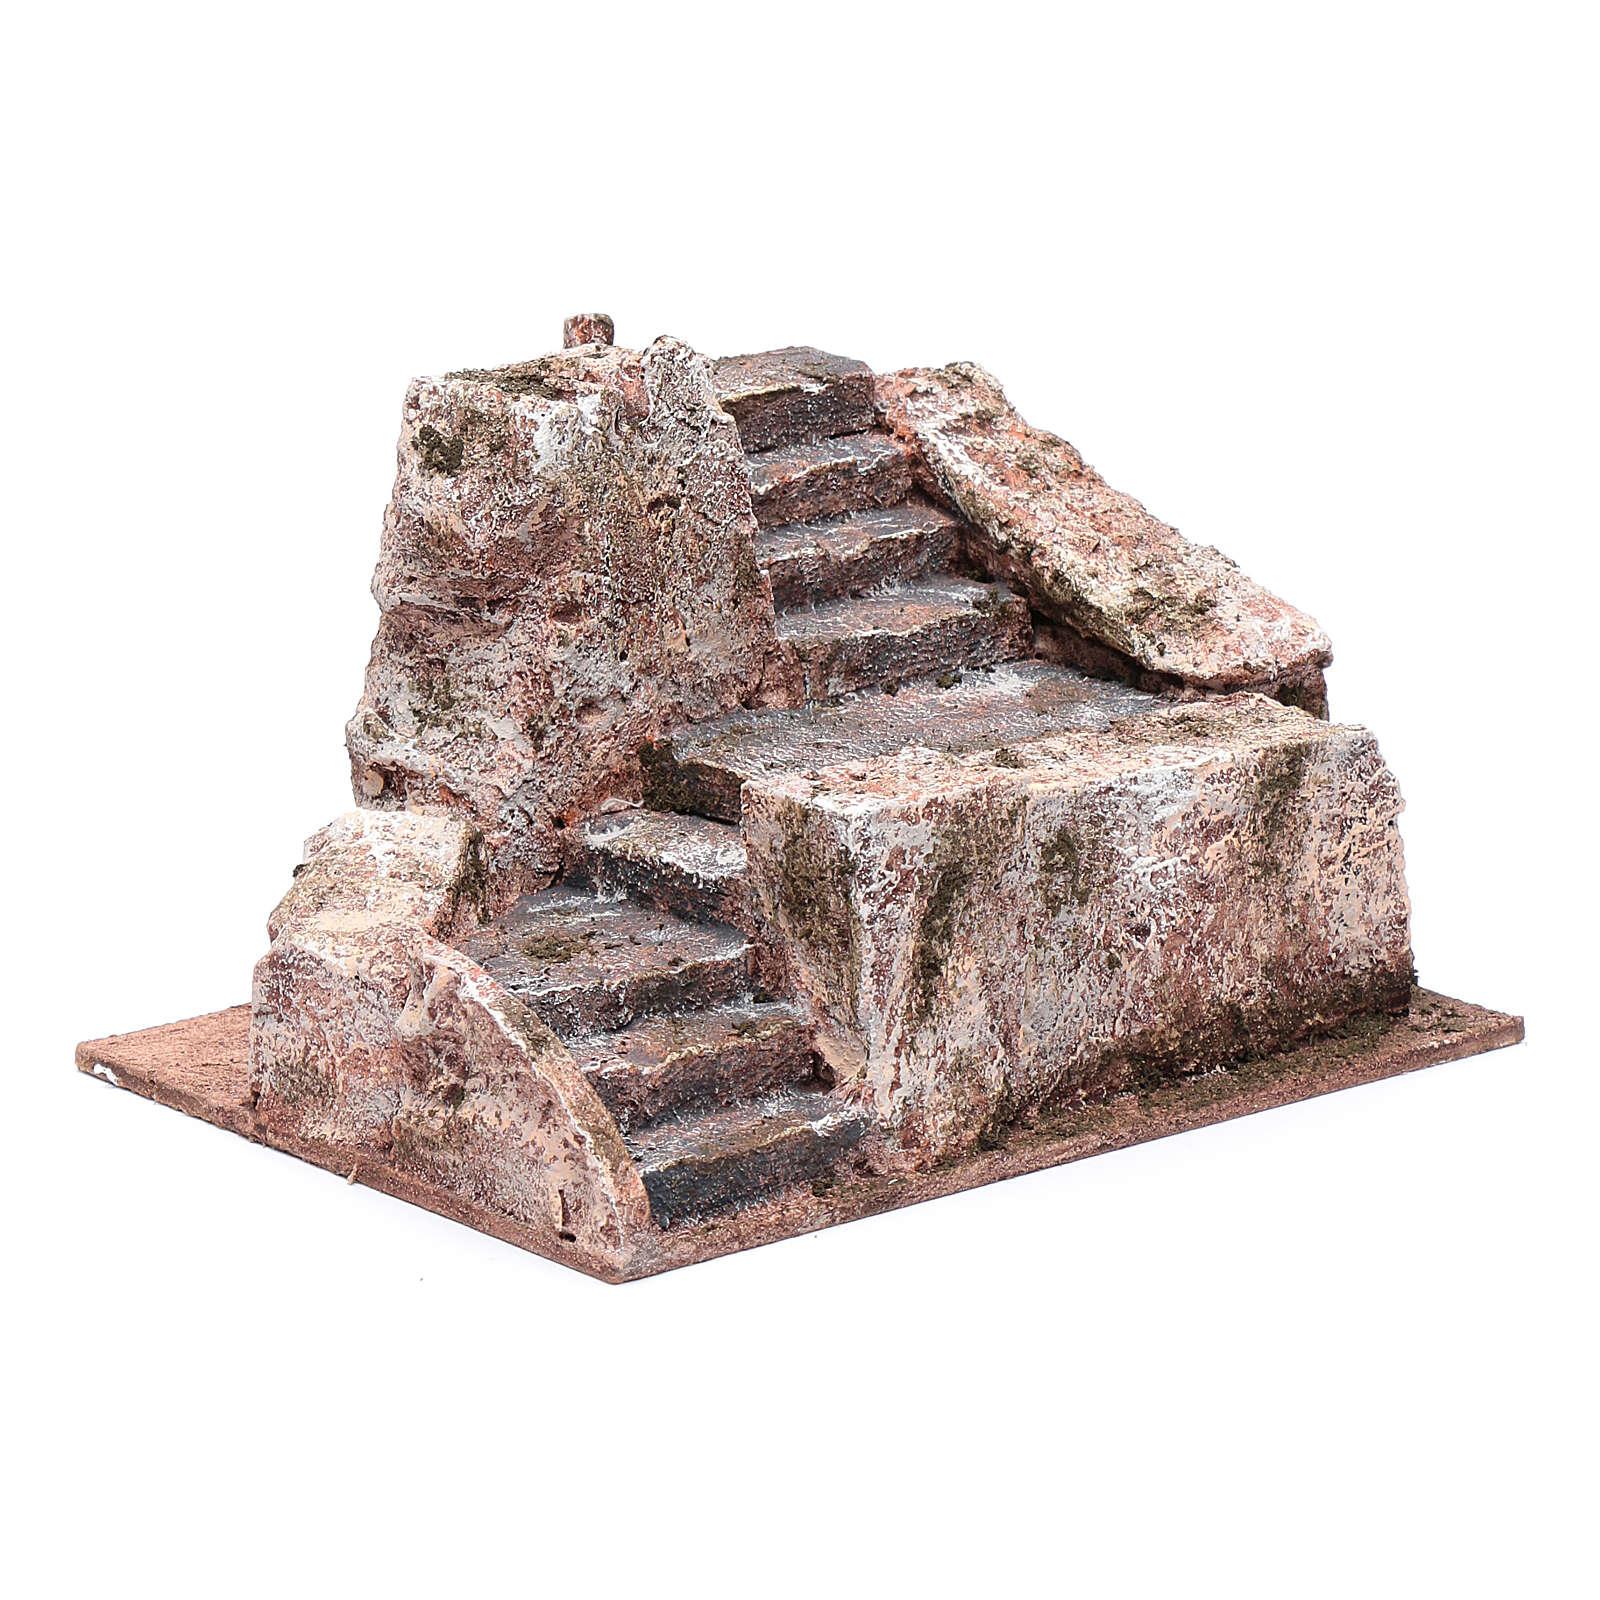 Stone stairway for Nativity Scene 10x20x15 cm 4